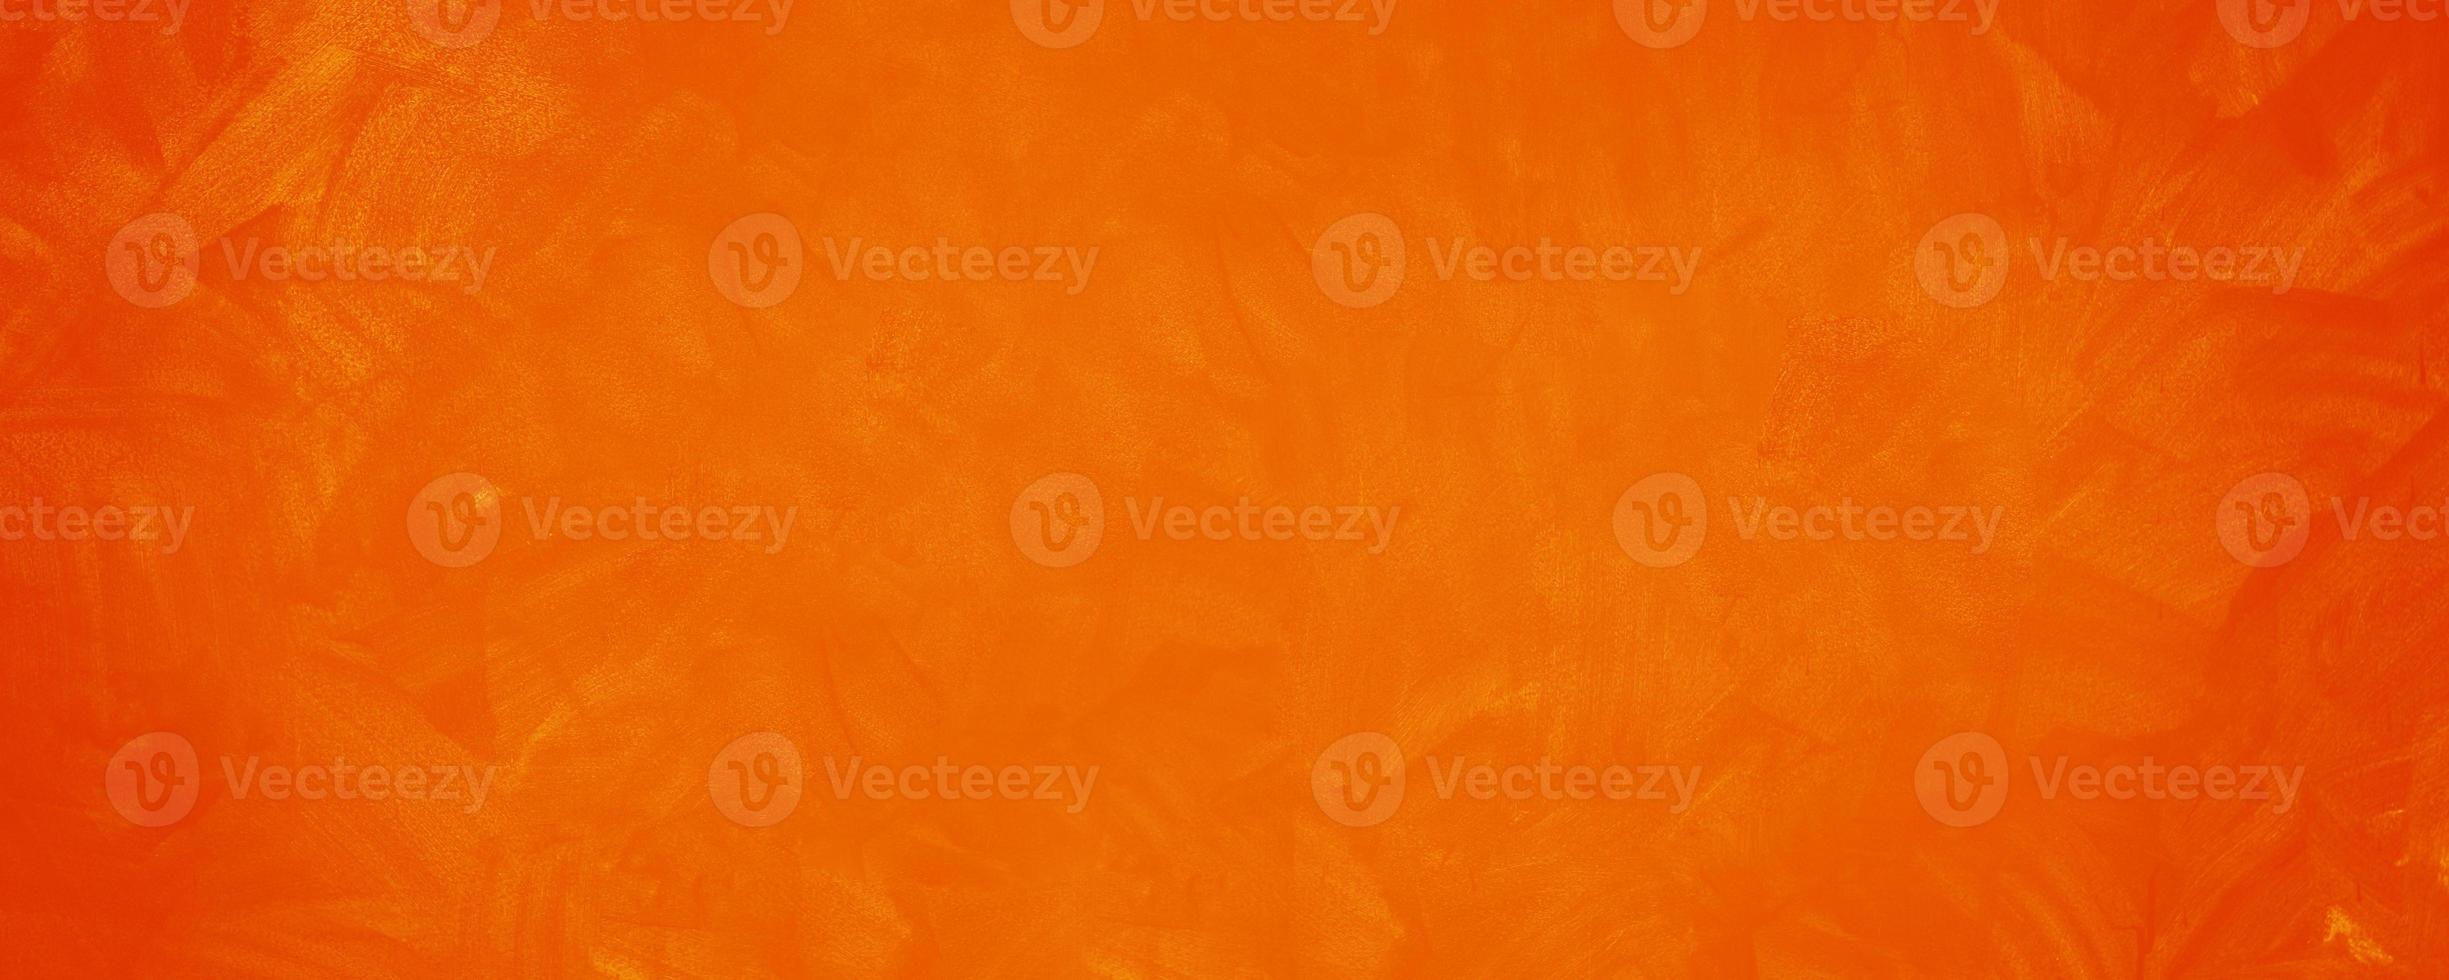 Dark orange cement texture wall background photo